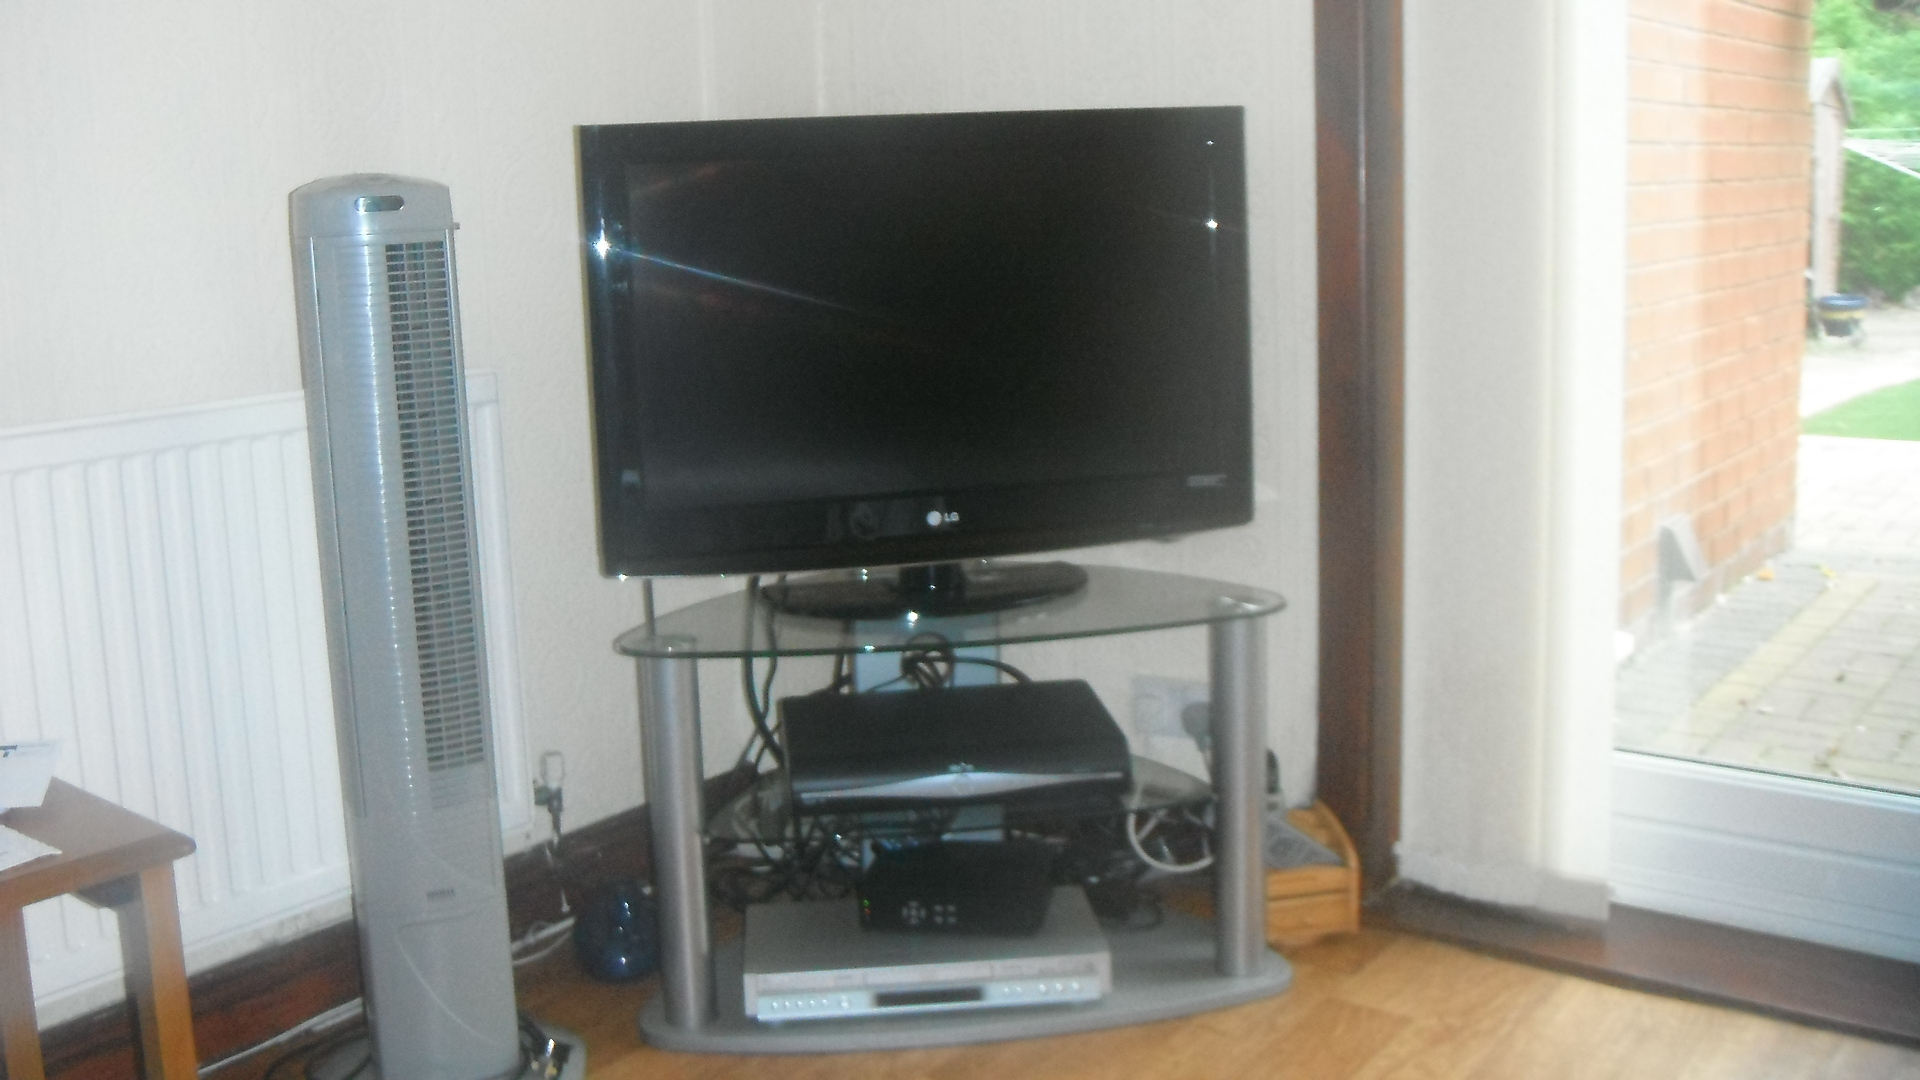 photo taken by me - my TV set